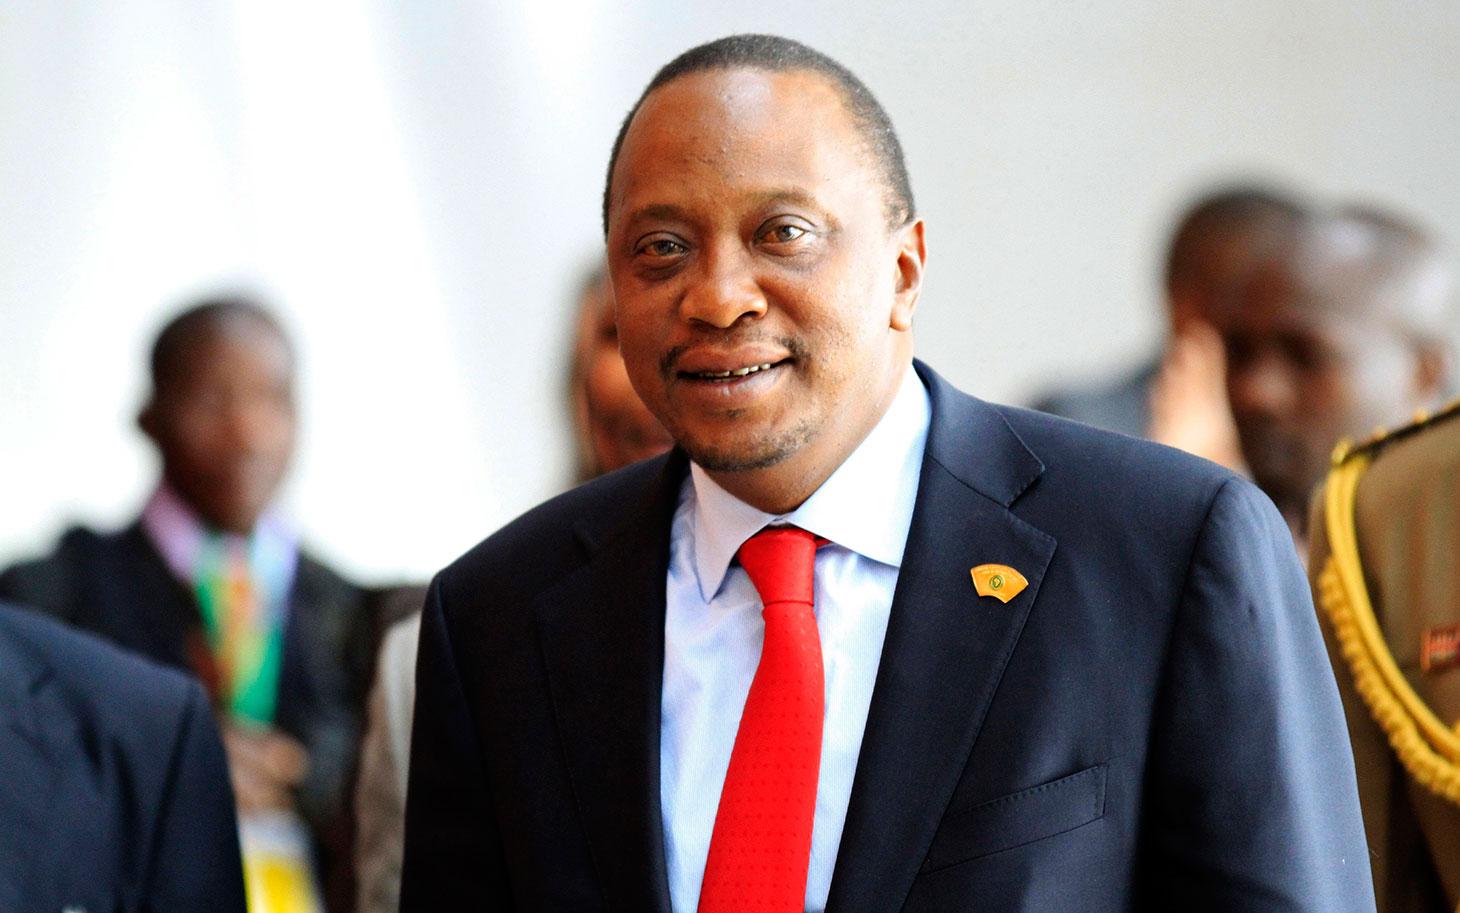 Le Kenya va délivrer des visas à l'arrivée pour tous les Africains